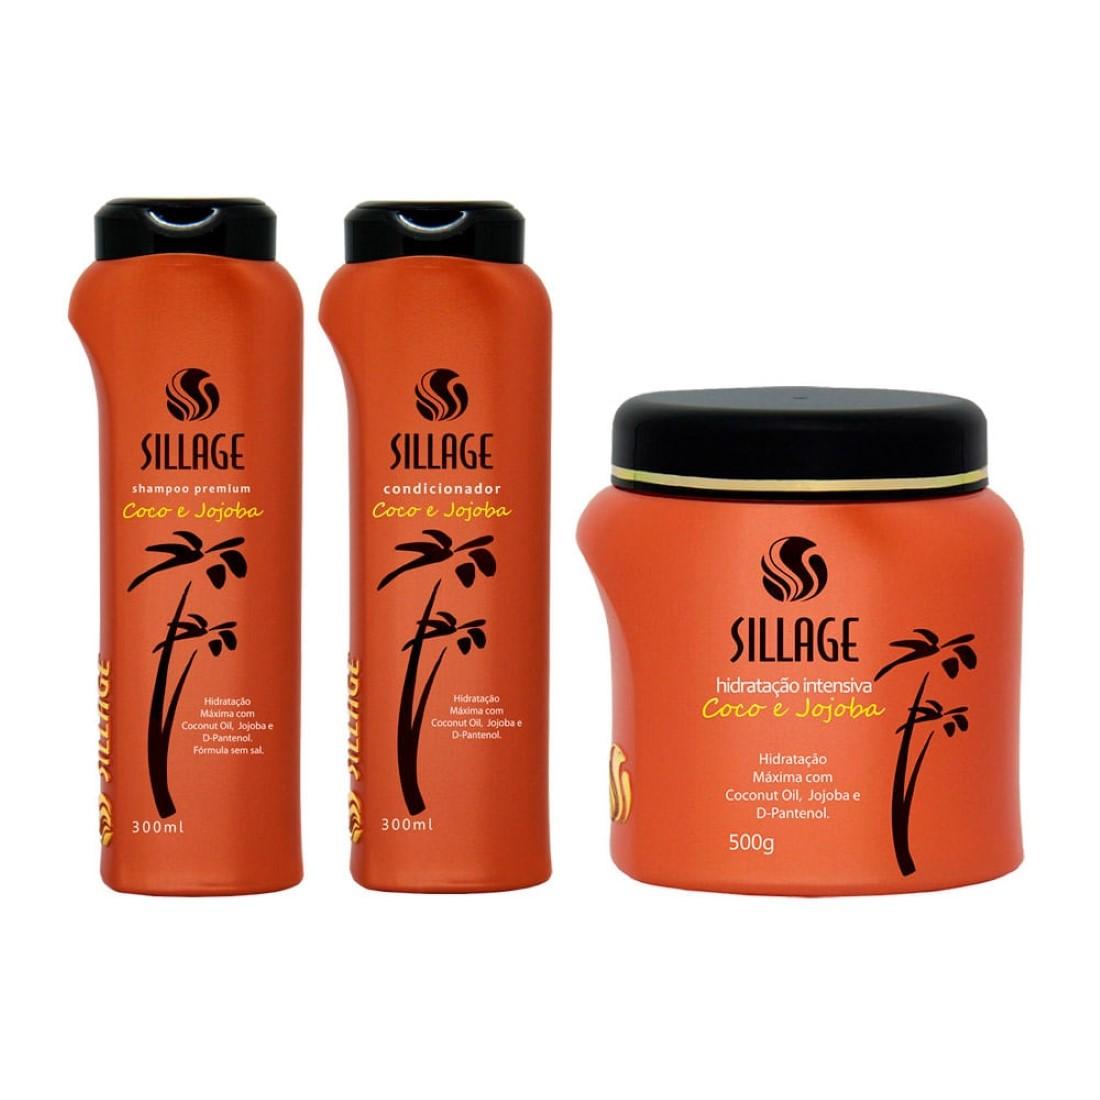 Kit Shampoo, Condicionador e Máscara Premium Coco e Jojoba - Sillage